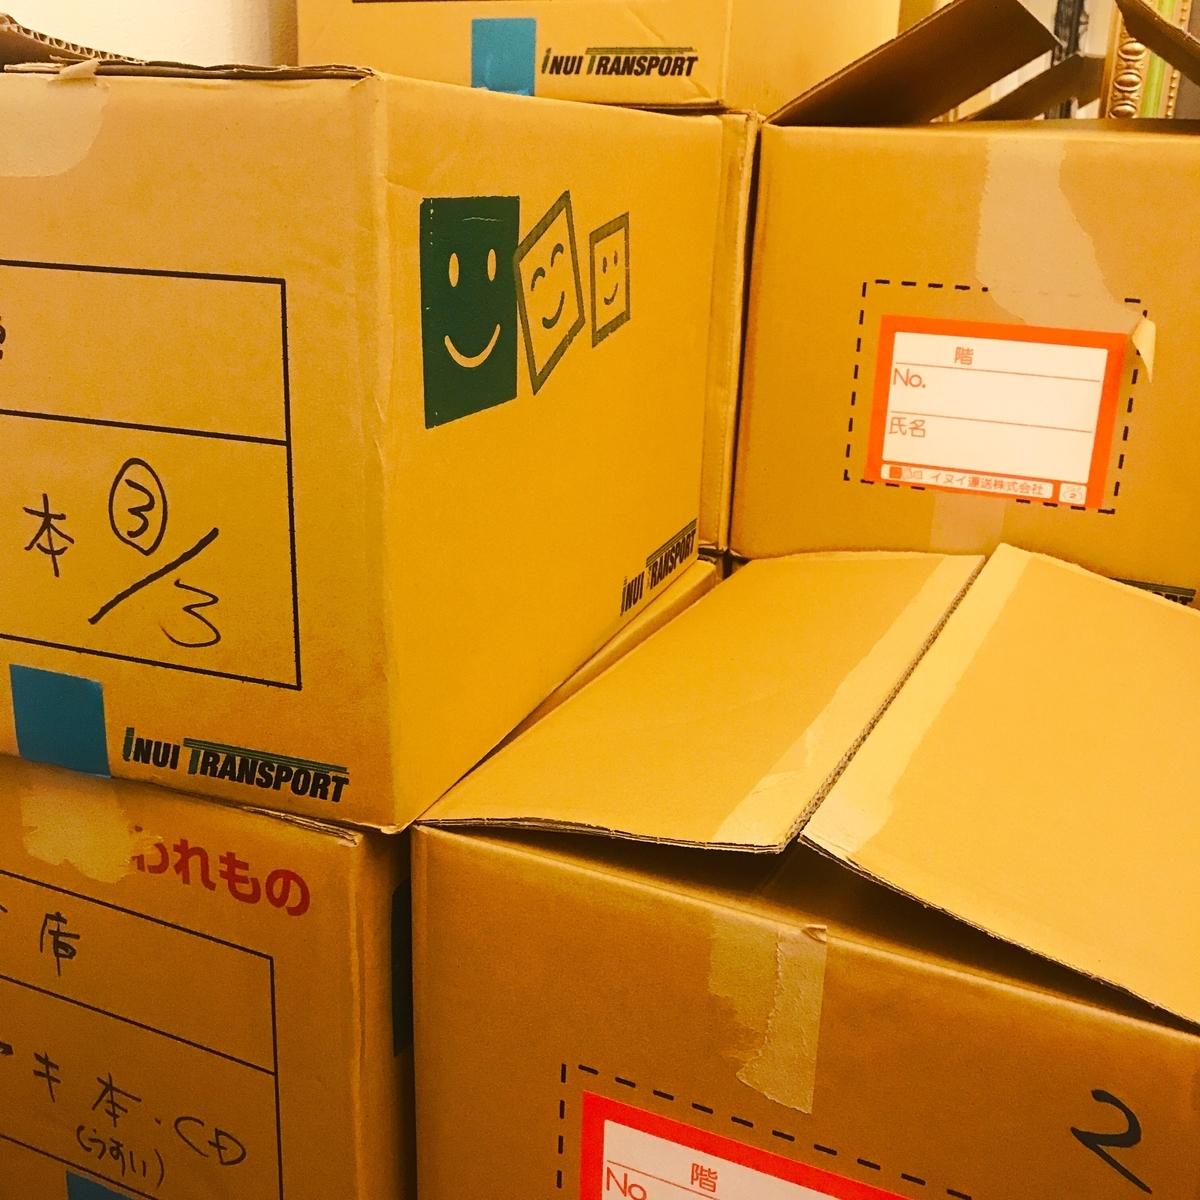 実家から倉庫を経由した荷物